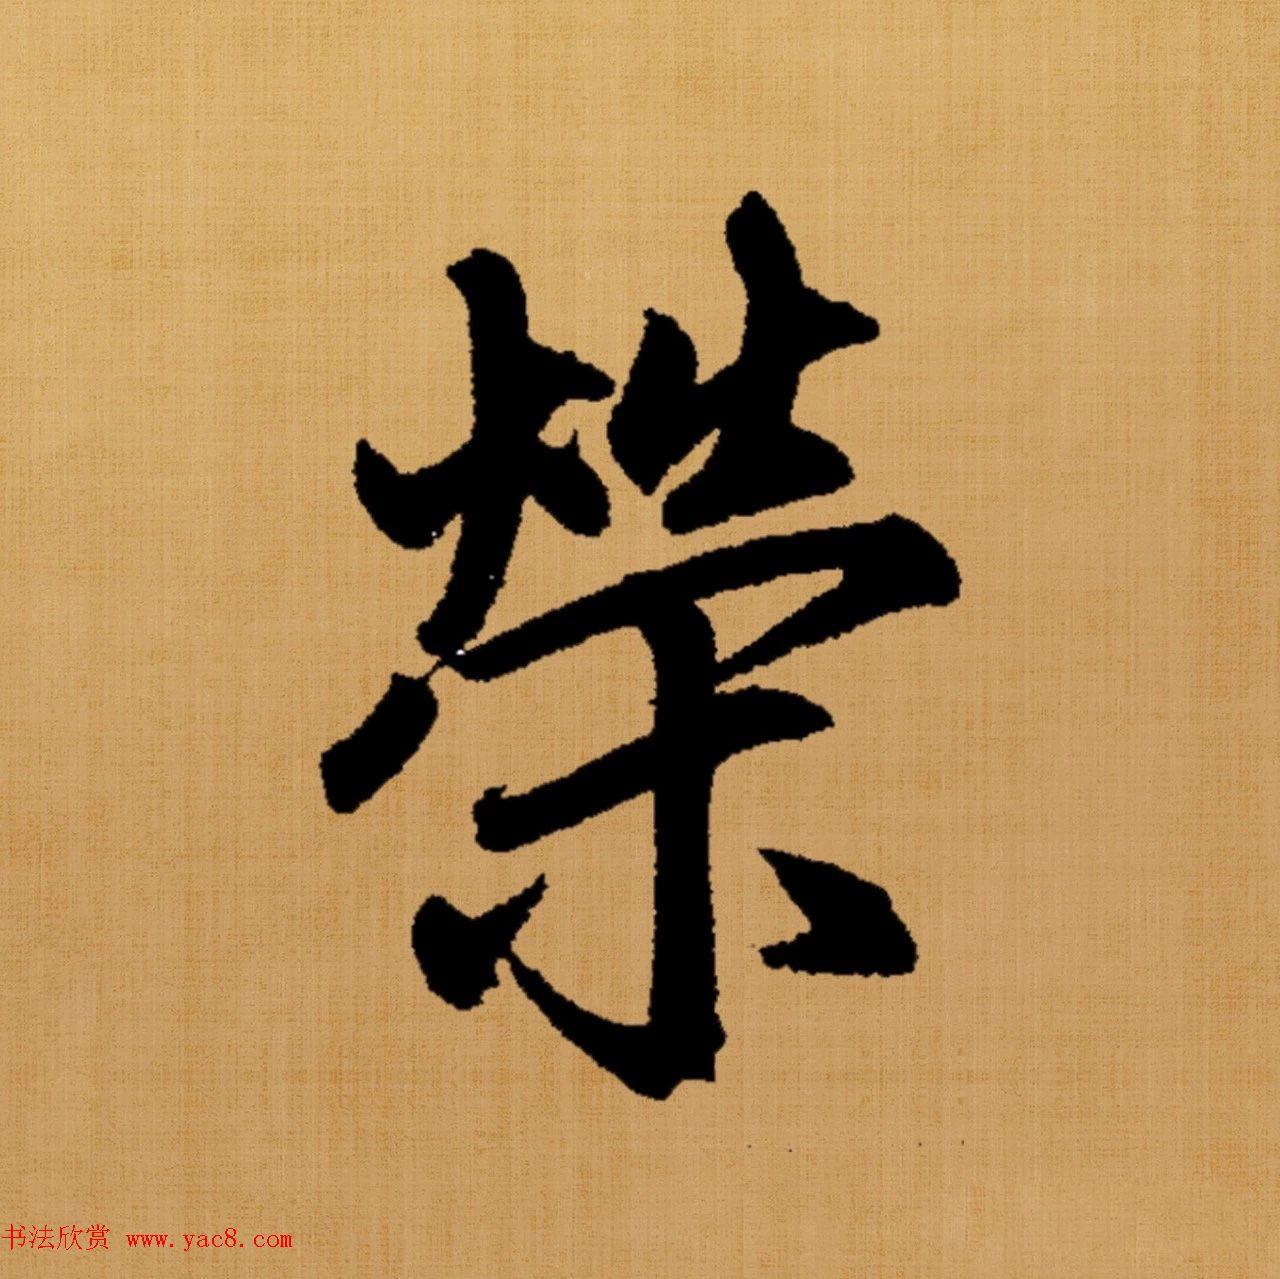 赵孟頫楷书集字《白居易诗句》